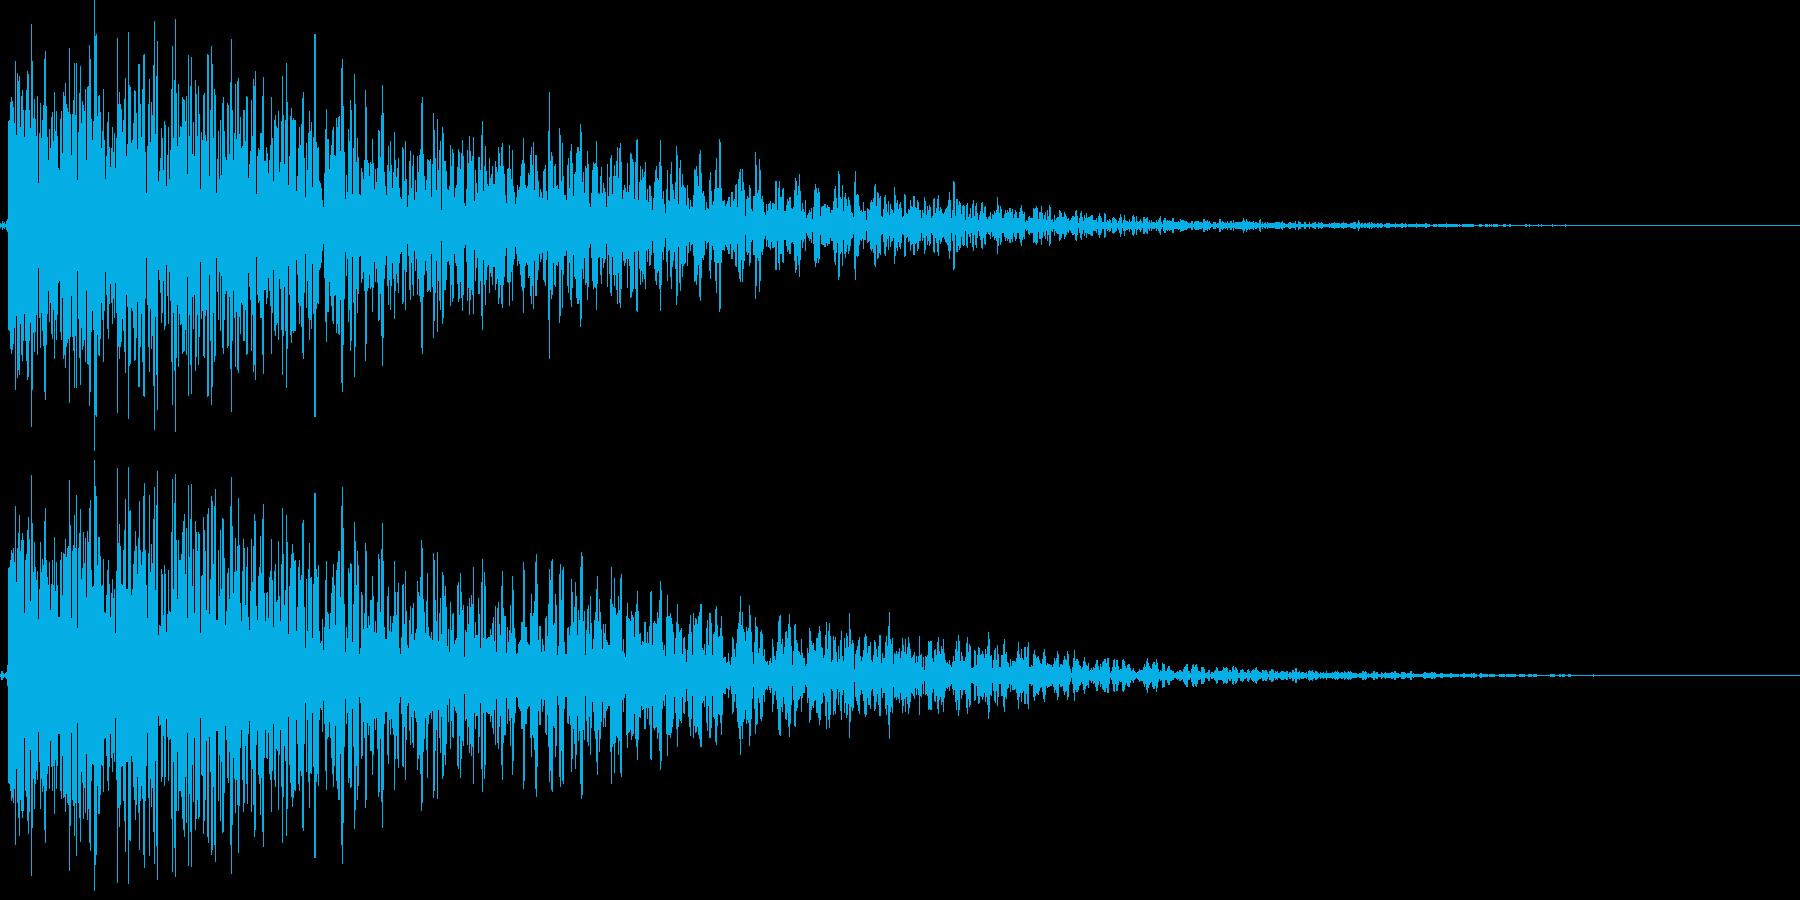 デデーン(がっかり、レベルダウン、ミス)の再生済みの波形